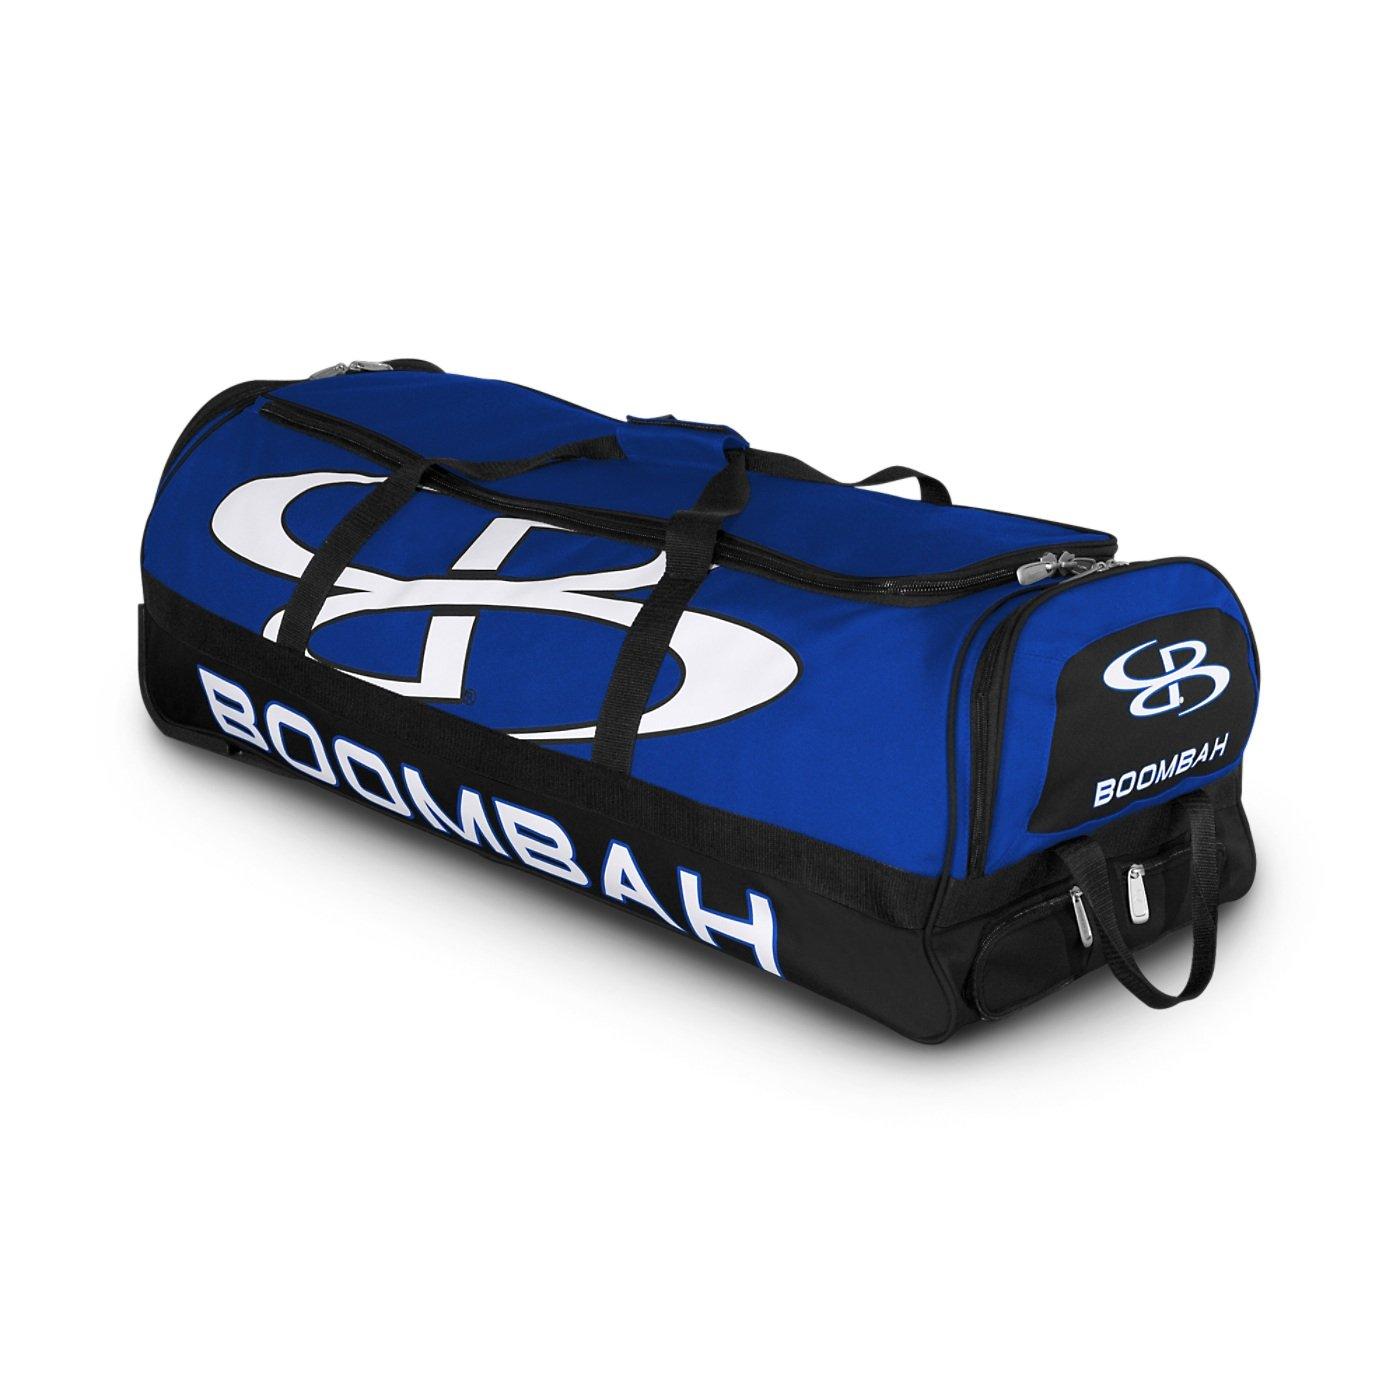 (ブームバー) Boombah Bruteシリーズ キャスター付きバットケース 野球ソフトボール用 35×15×12–1/2インチ 49色展開 4本のバットと用具を収納可能 B01N1HTRQI ロイヤル/ブラック ロイヤル/ブラック